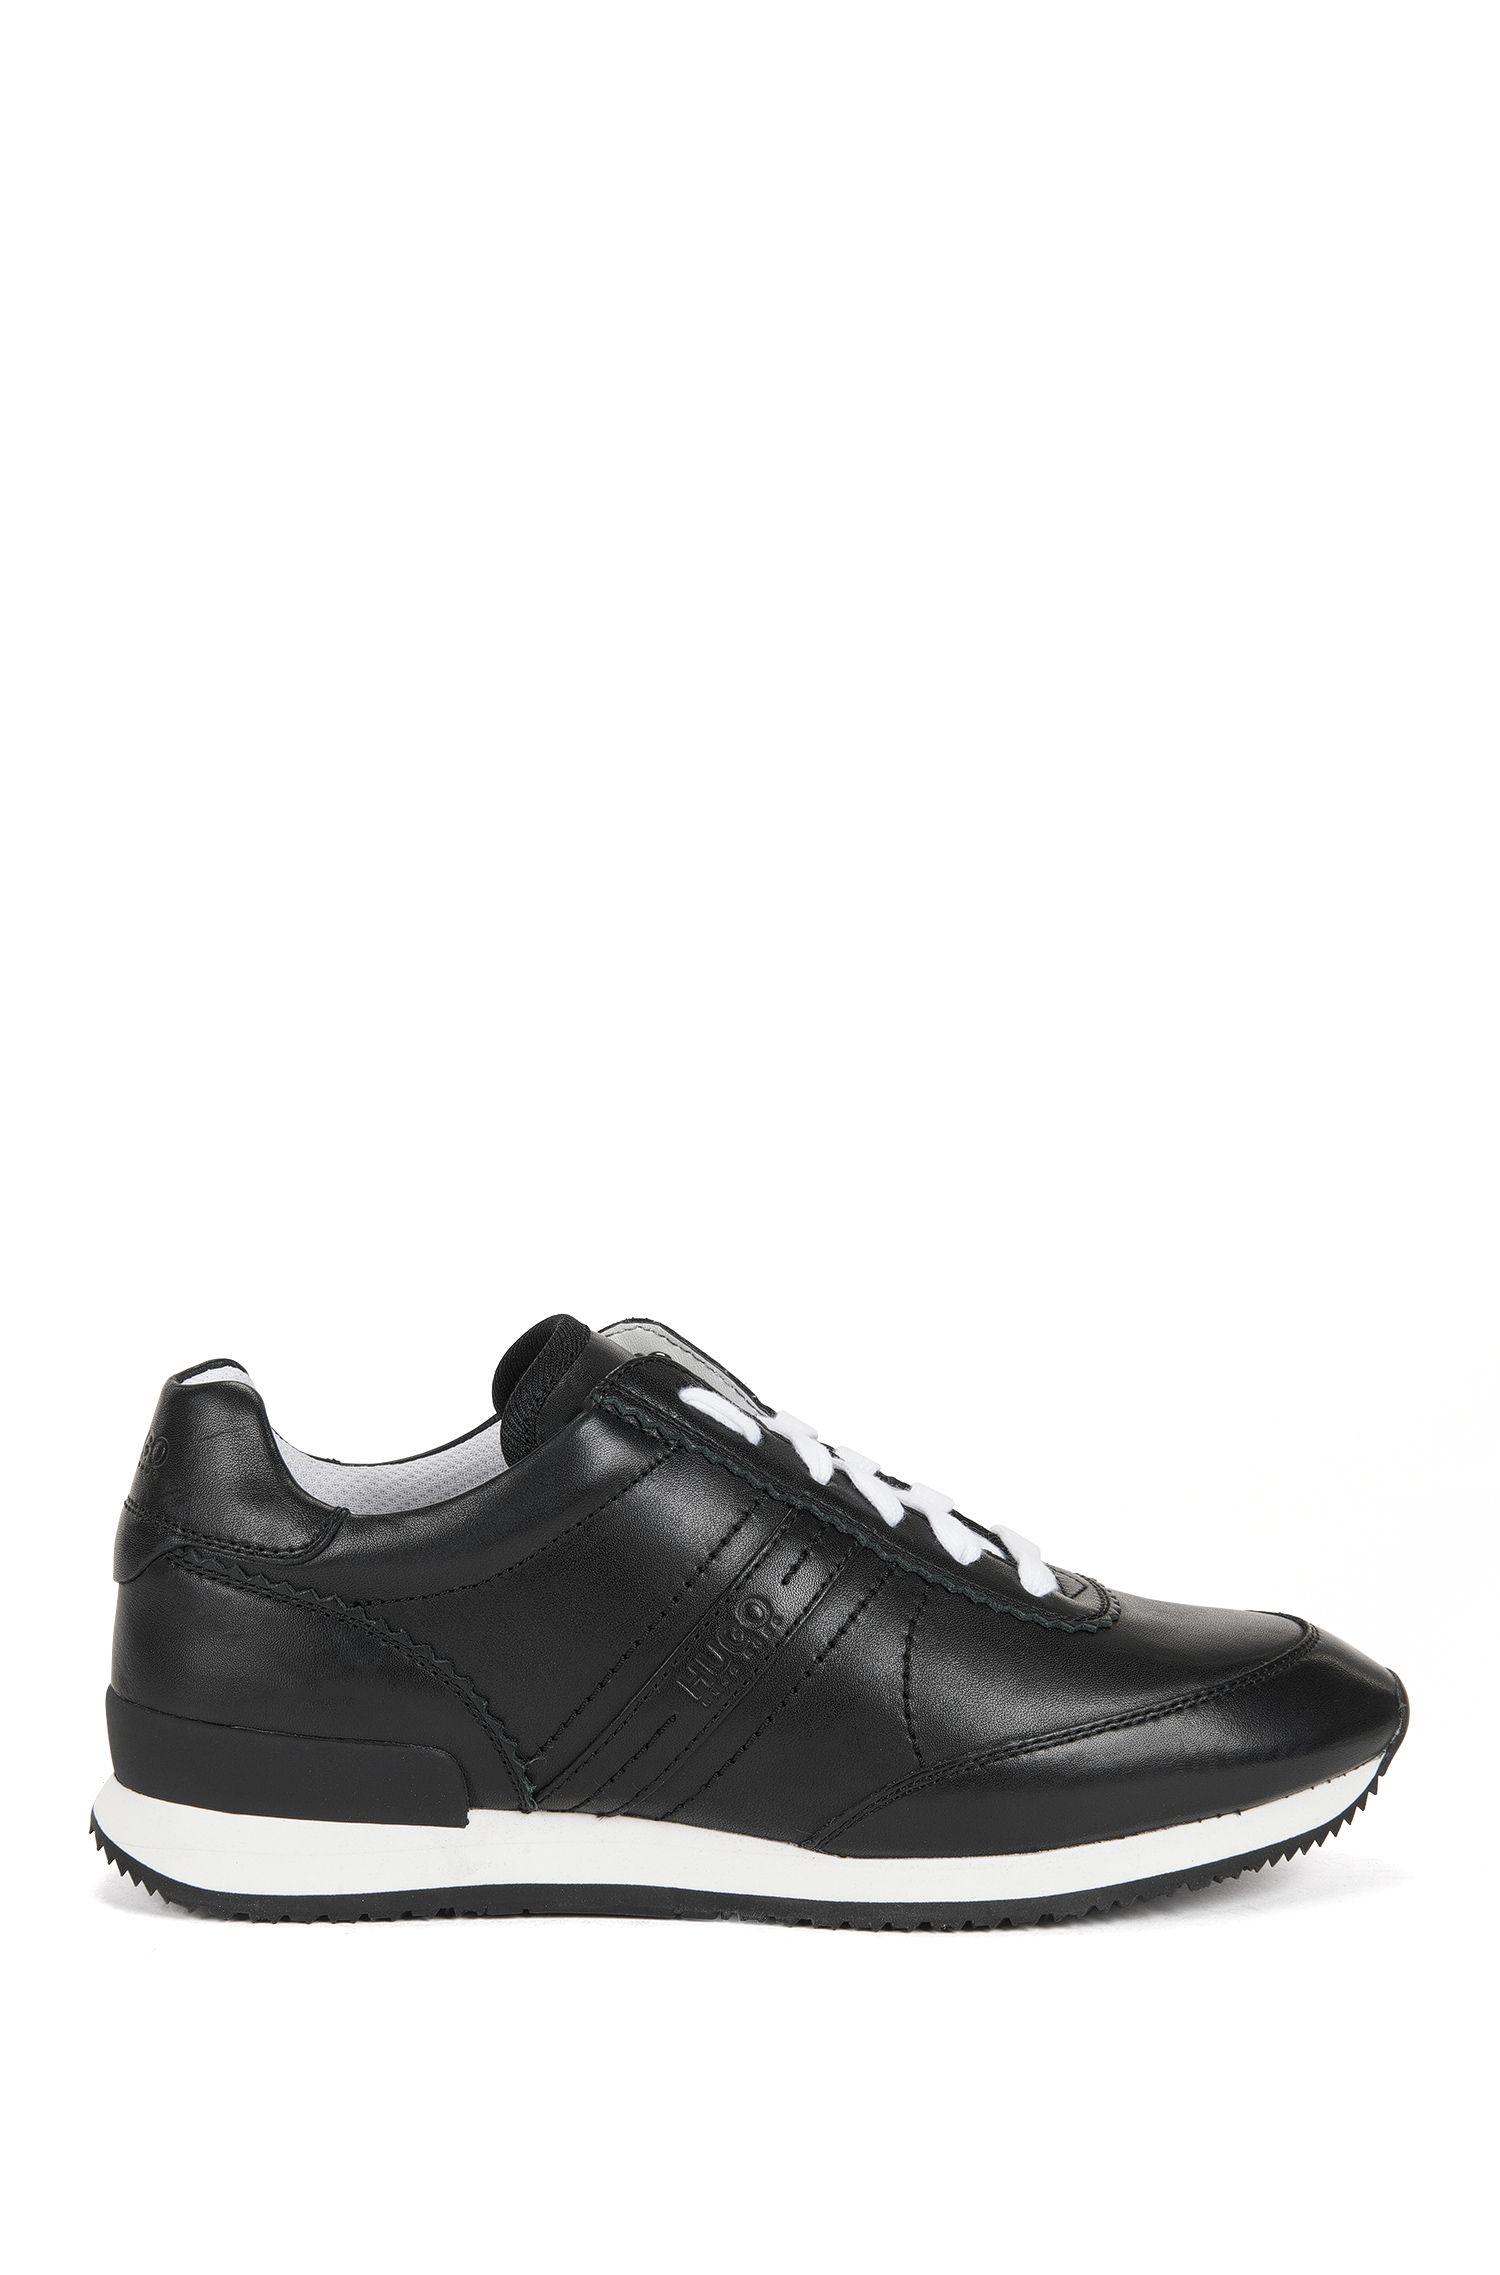 Sneakers interamente in pelle con suola in gomma